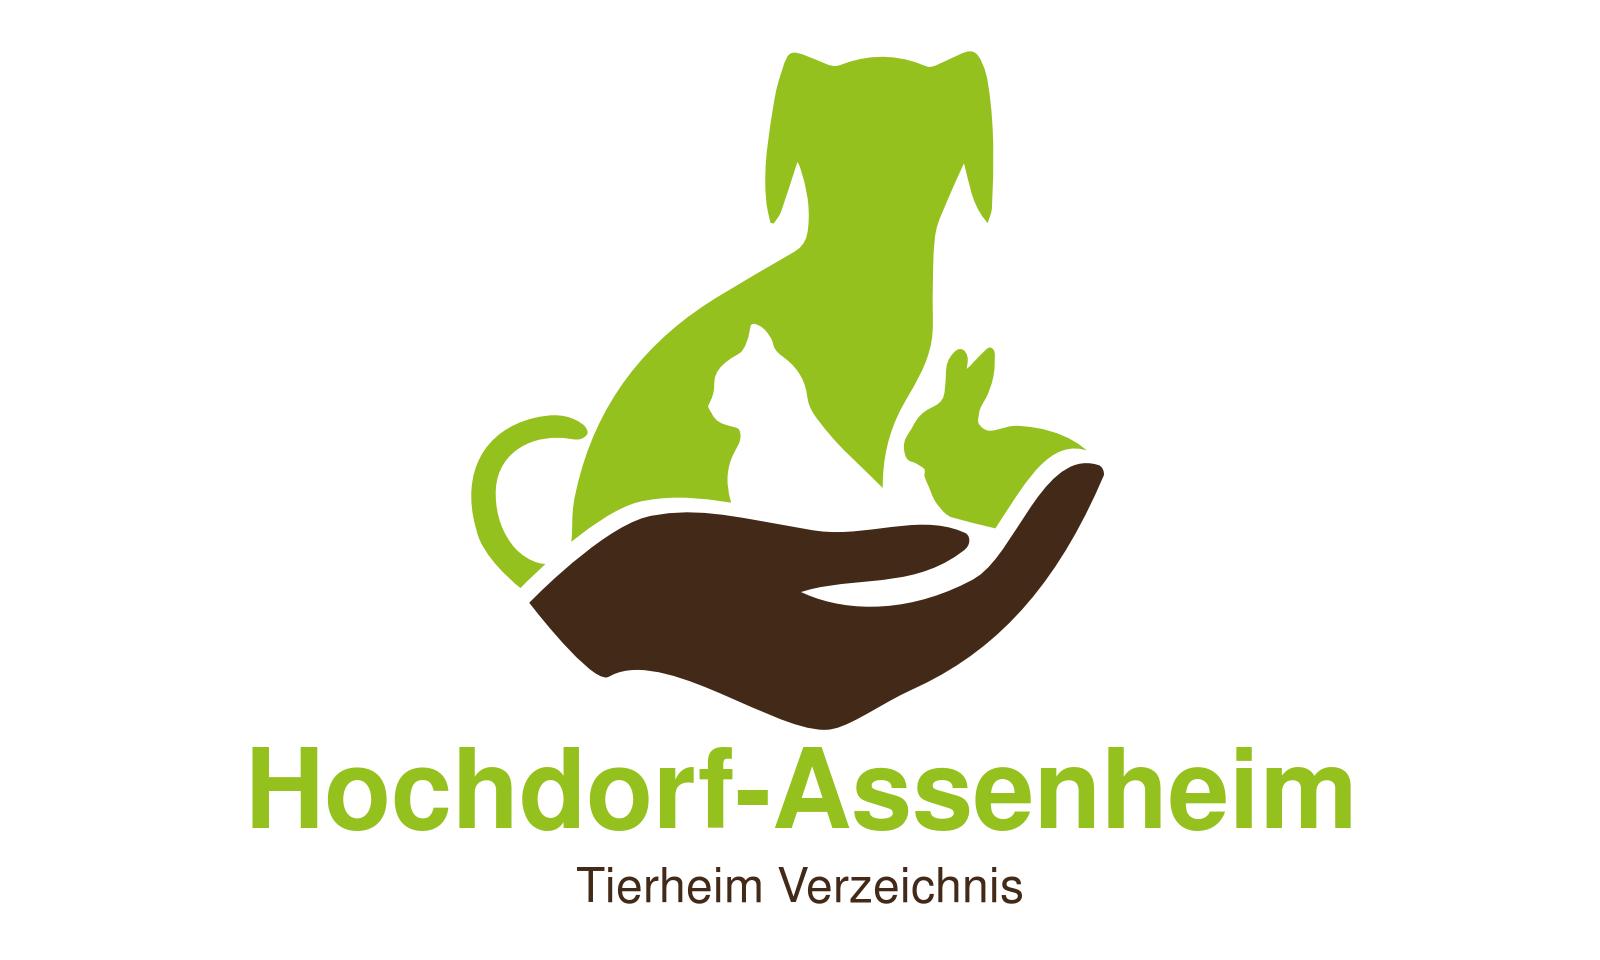 Tierheim Hochdorf-Assenheim